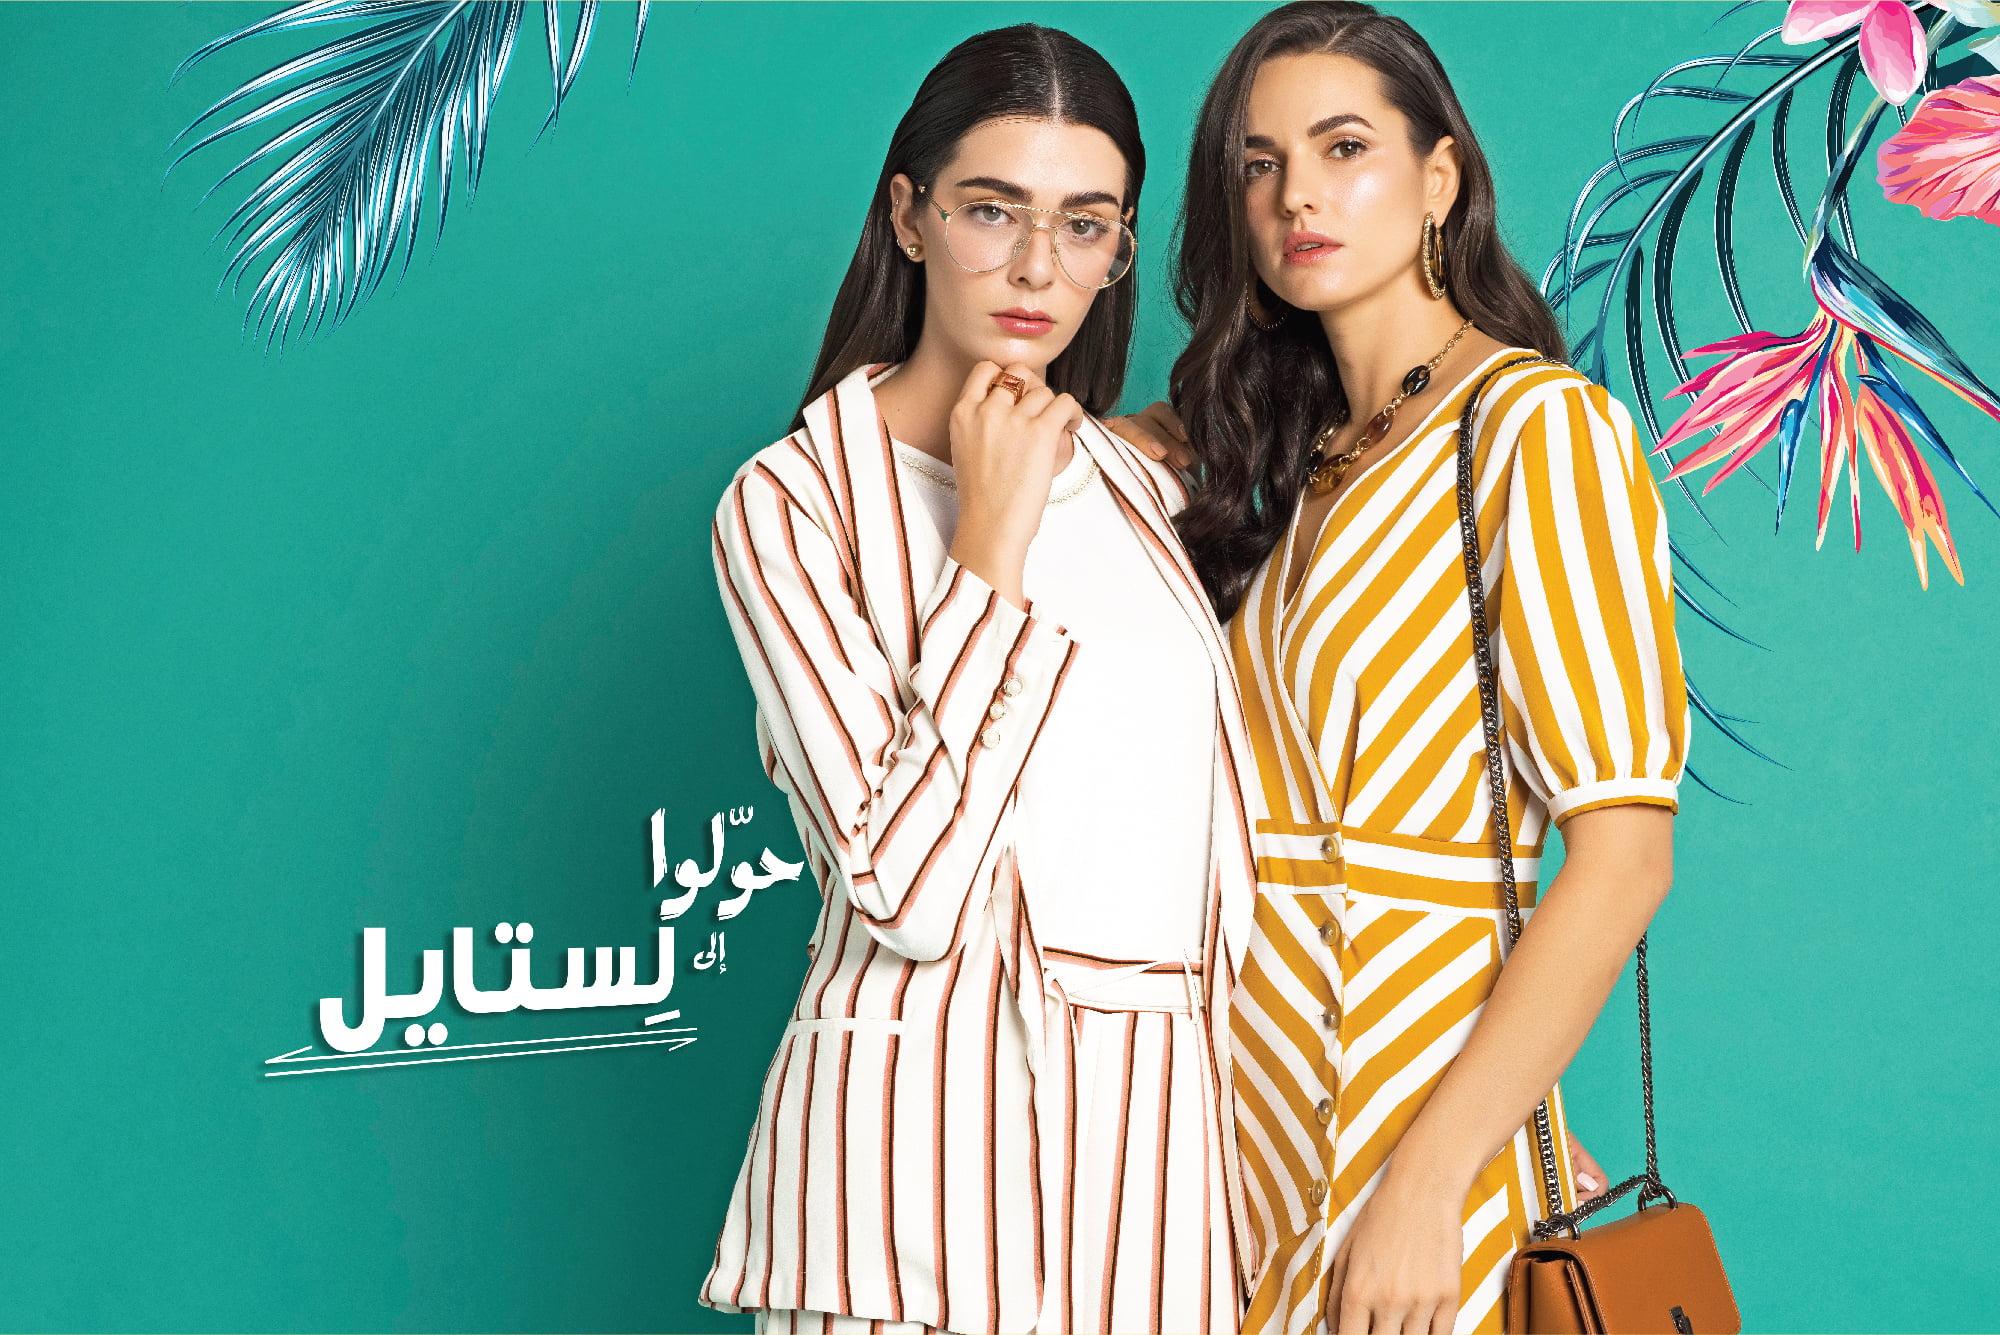 bc9dd42f3251f Spring Collection 2019 - Twenty4 Fashion